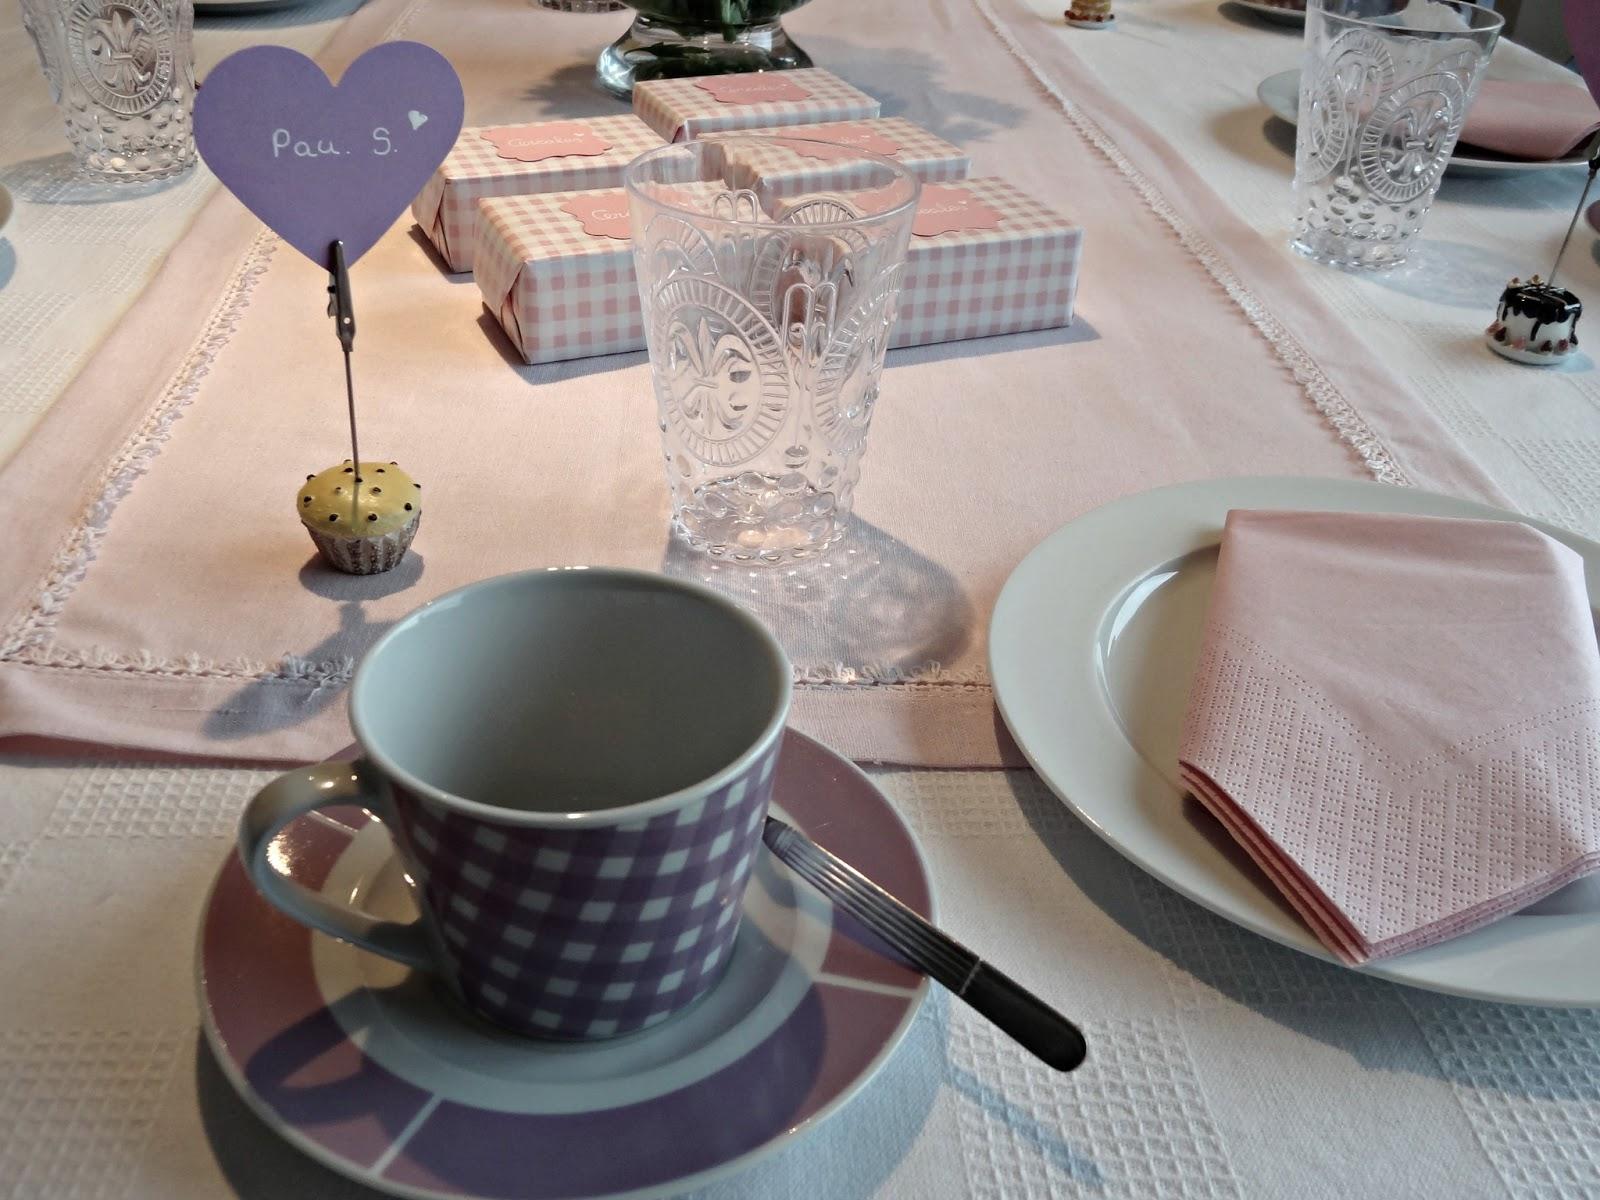 Celebra con ana compartiendo experiencias creativas - Preparar desayuno romantico ...